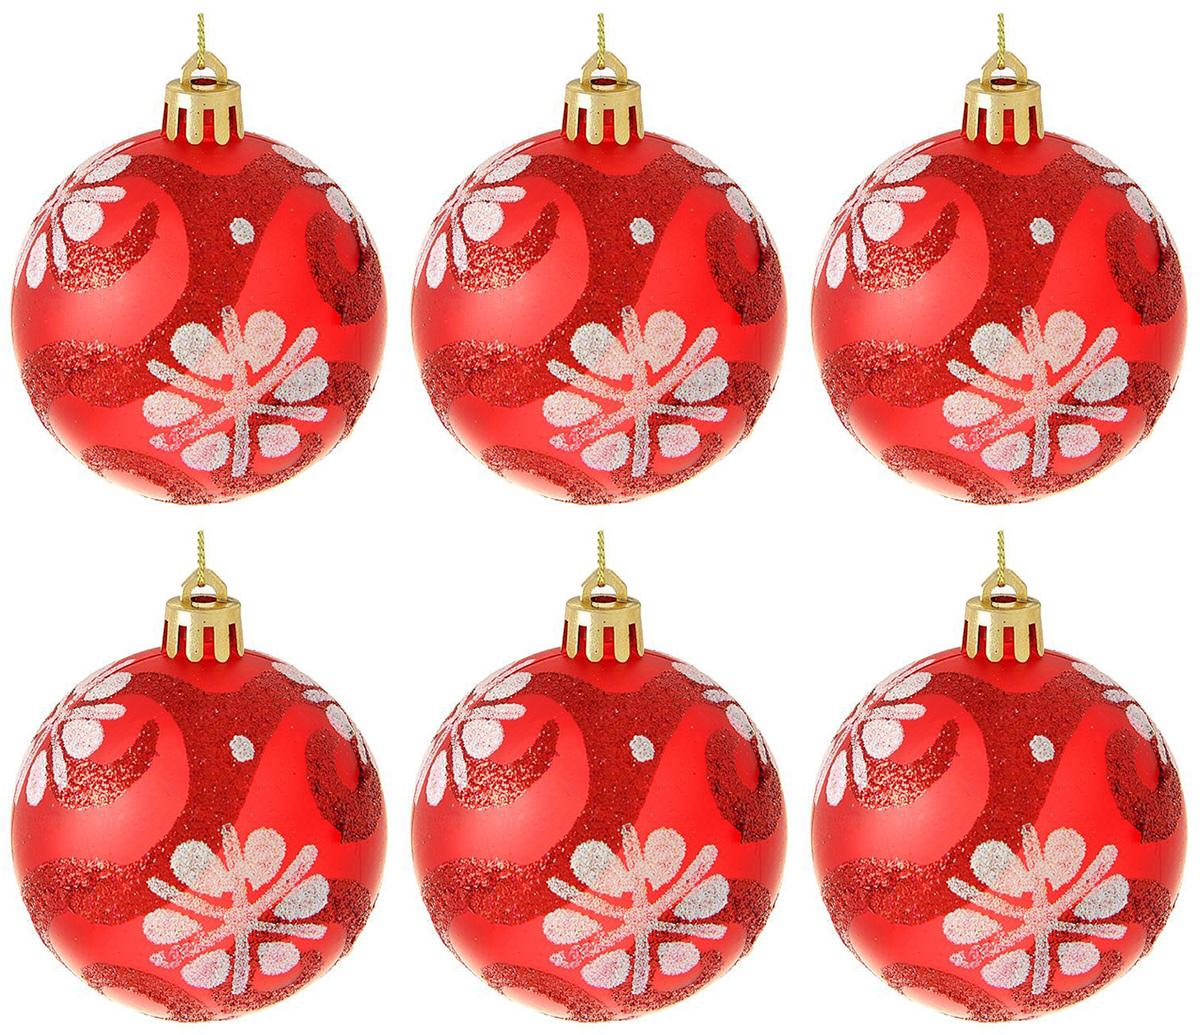 Набор новогодних подвесных украшений Sima-land Красный цветок, диаметр 6 см, 6 шт1009461Набор новогодних подвесных украшений Sima-land изготовлен из пластика. Изделия имеют плотный корпус, поэтому не разобьются при падении.Невозможно представить нашу жизнь без праздников! Новогодние украшения несут в себе волшебство и красоту праздника. Создайте в своем доме атмосферу тепла, веселья и радости, украшая его всей семьей.В наборе 6 украшений.